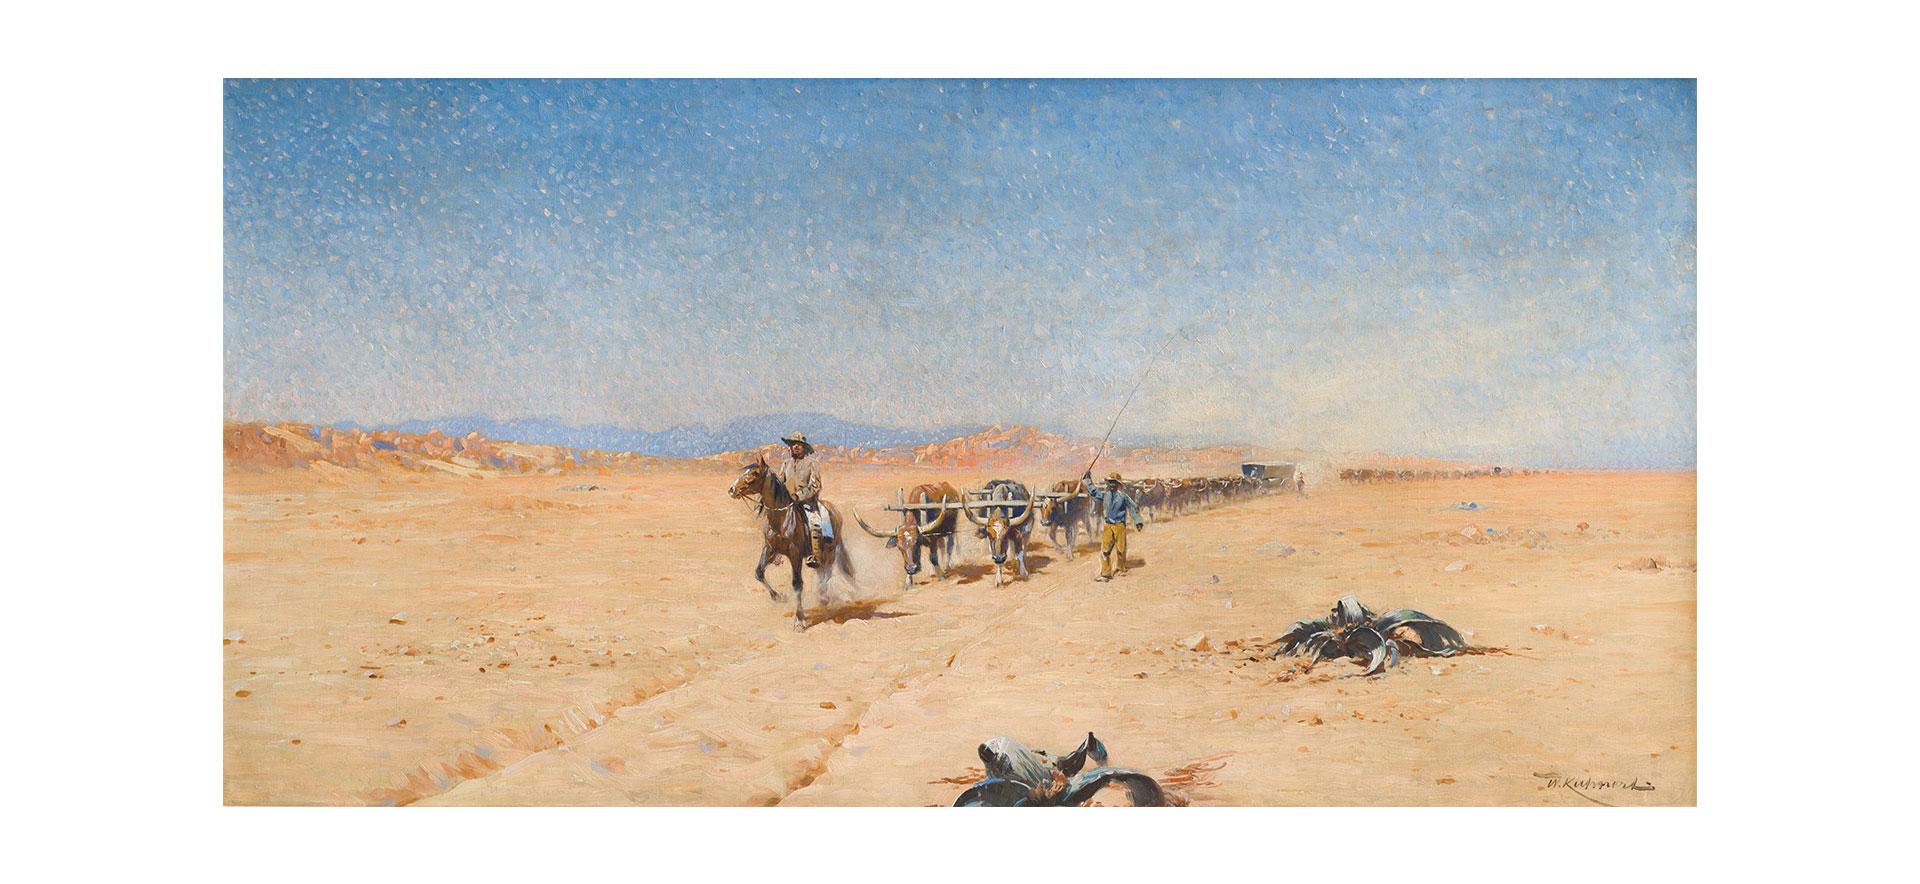 Wilhelm-Kuhnert-(Trek-through-the-Namib-Desert) sldier